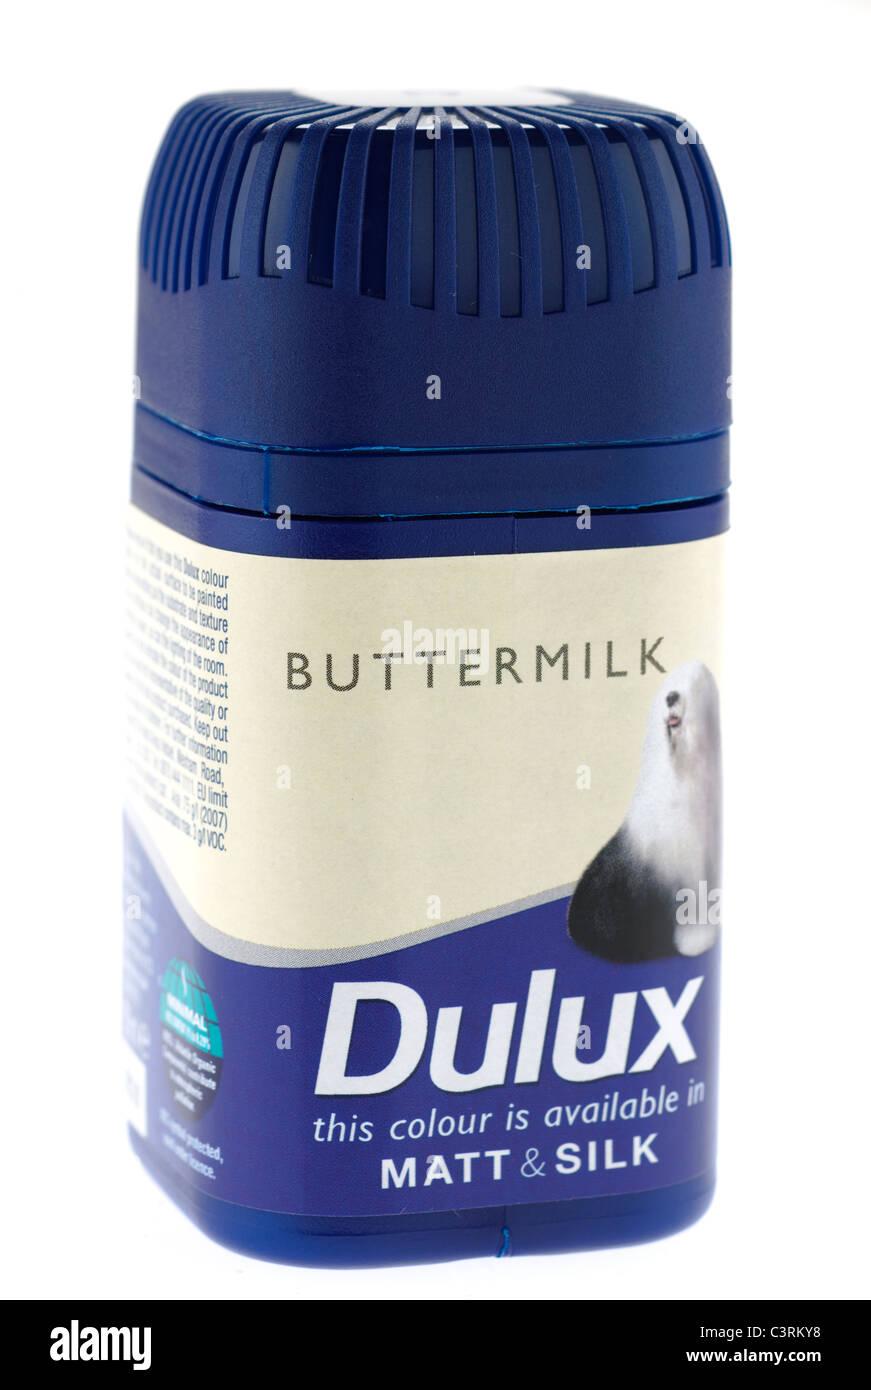 Pot of Dulux matt and silk buttermilk colour match pot - Stock Image